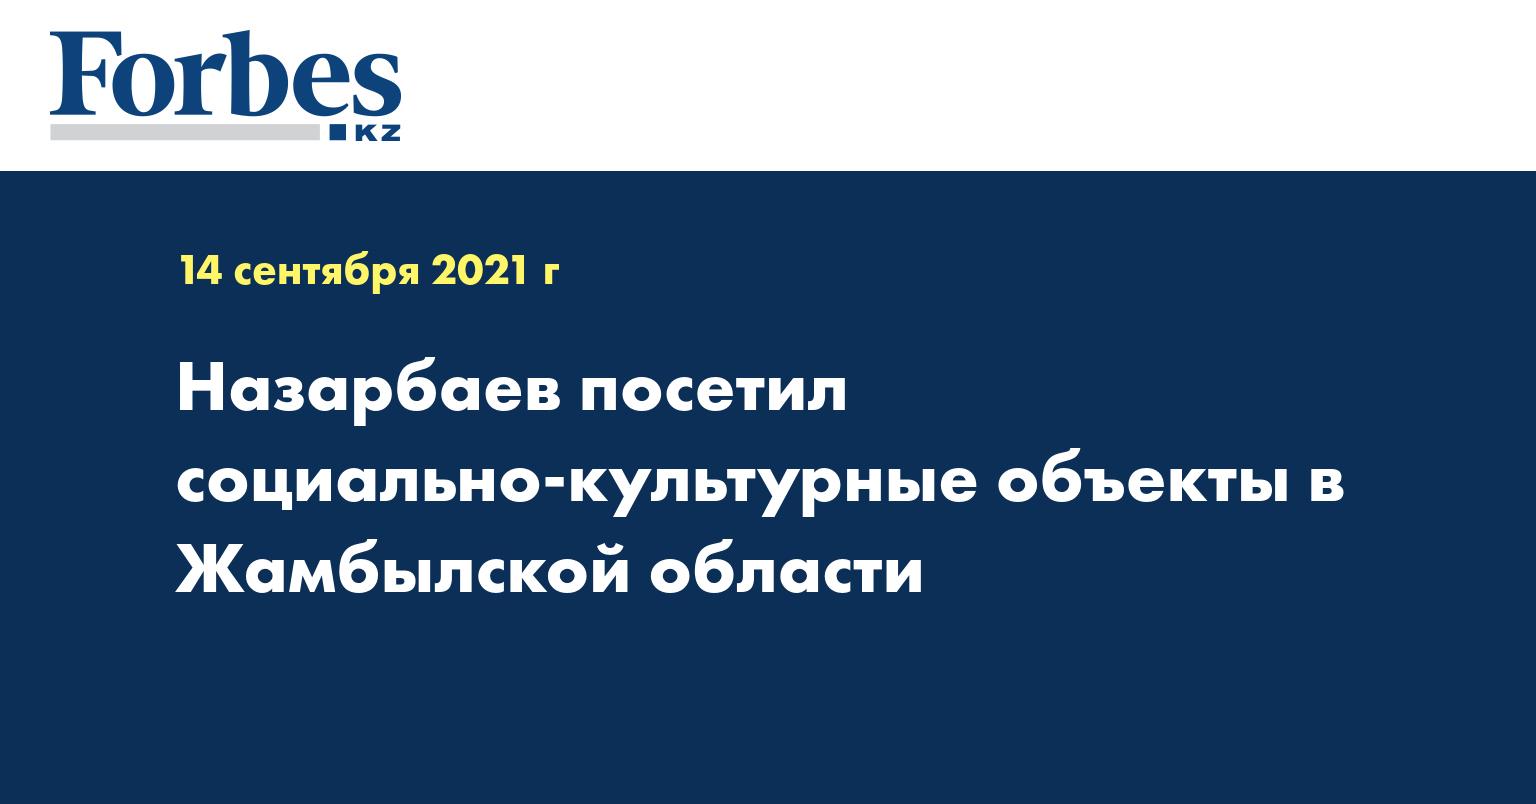 Назарбаев посетил социально-культурные объекты в Жамбылской области